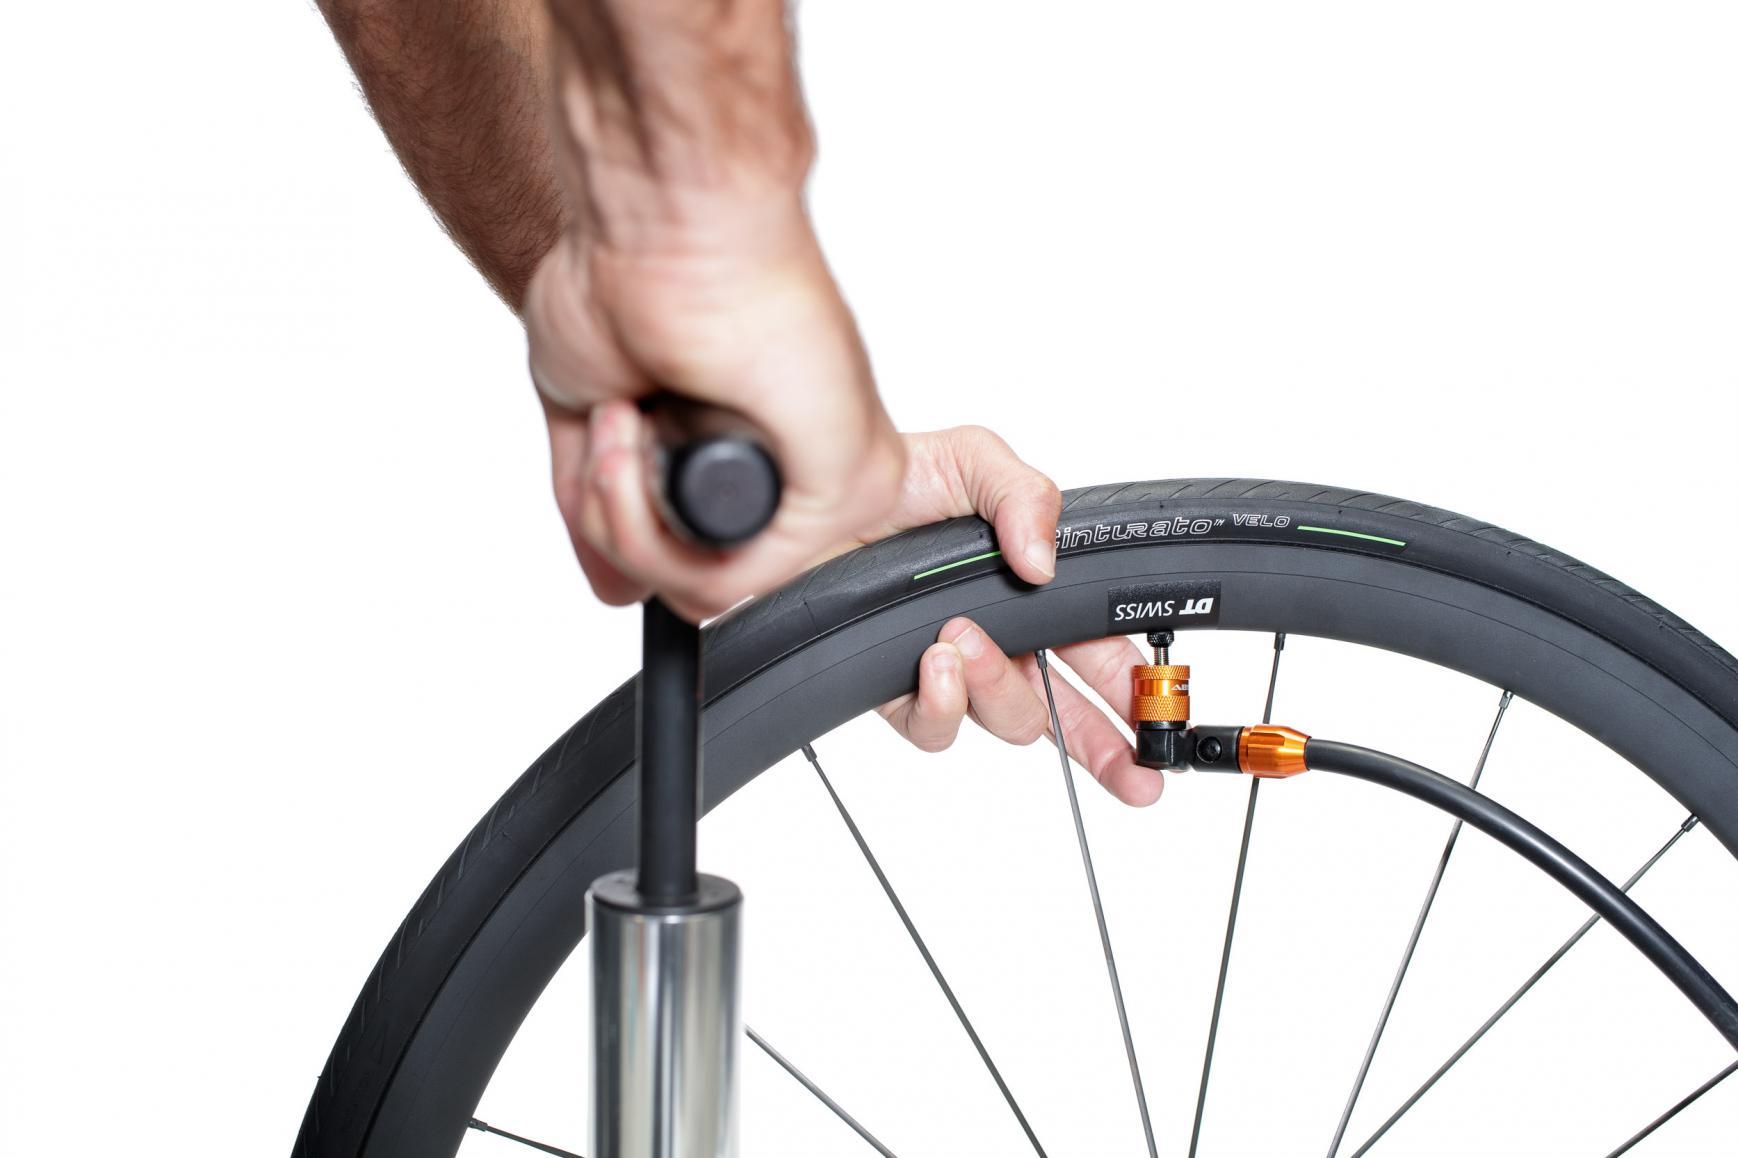 Mit einer kräftigen Pumpe oder einem Kompressor pumpen wir soviel Luftdruck in das Laufrad, dass der Reifen hörbar in den Felgenflanken einrastet (Hier: maximal 6 Bar).